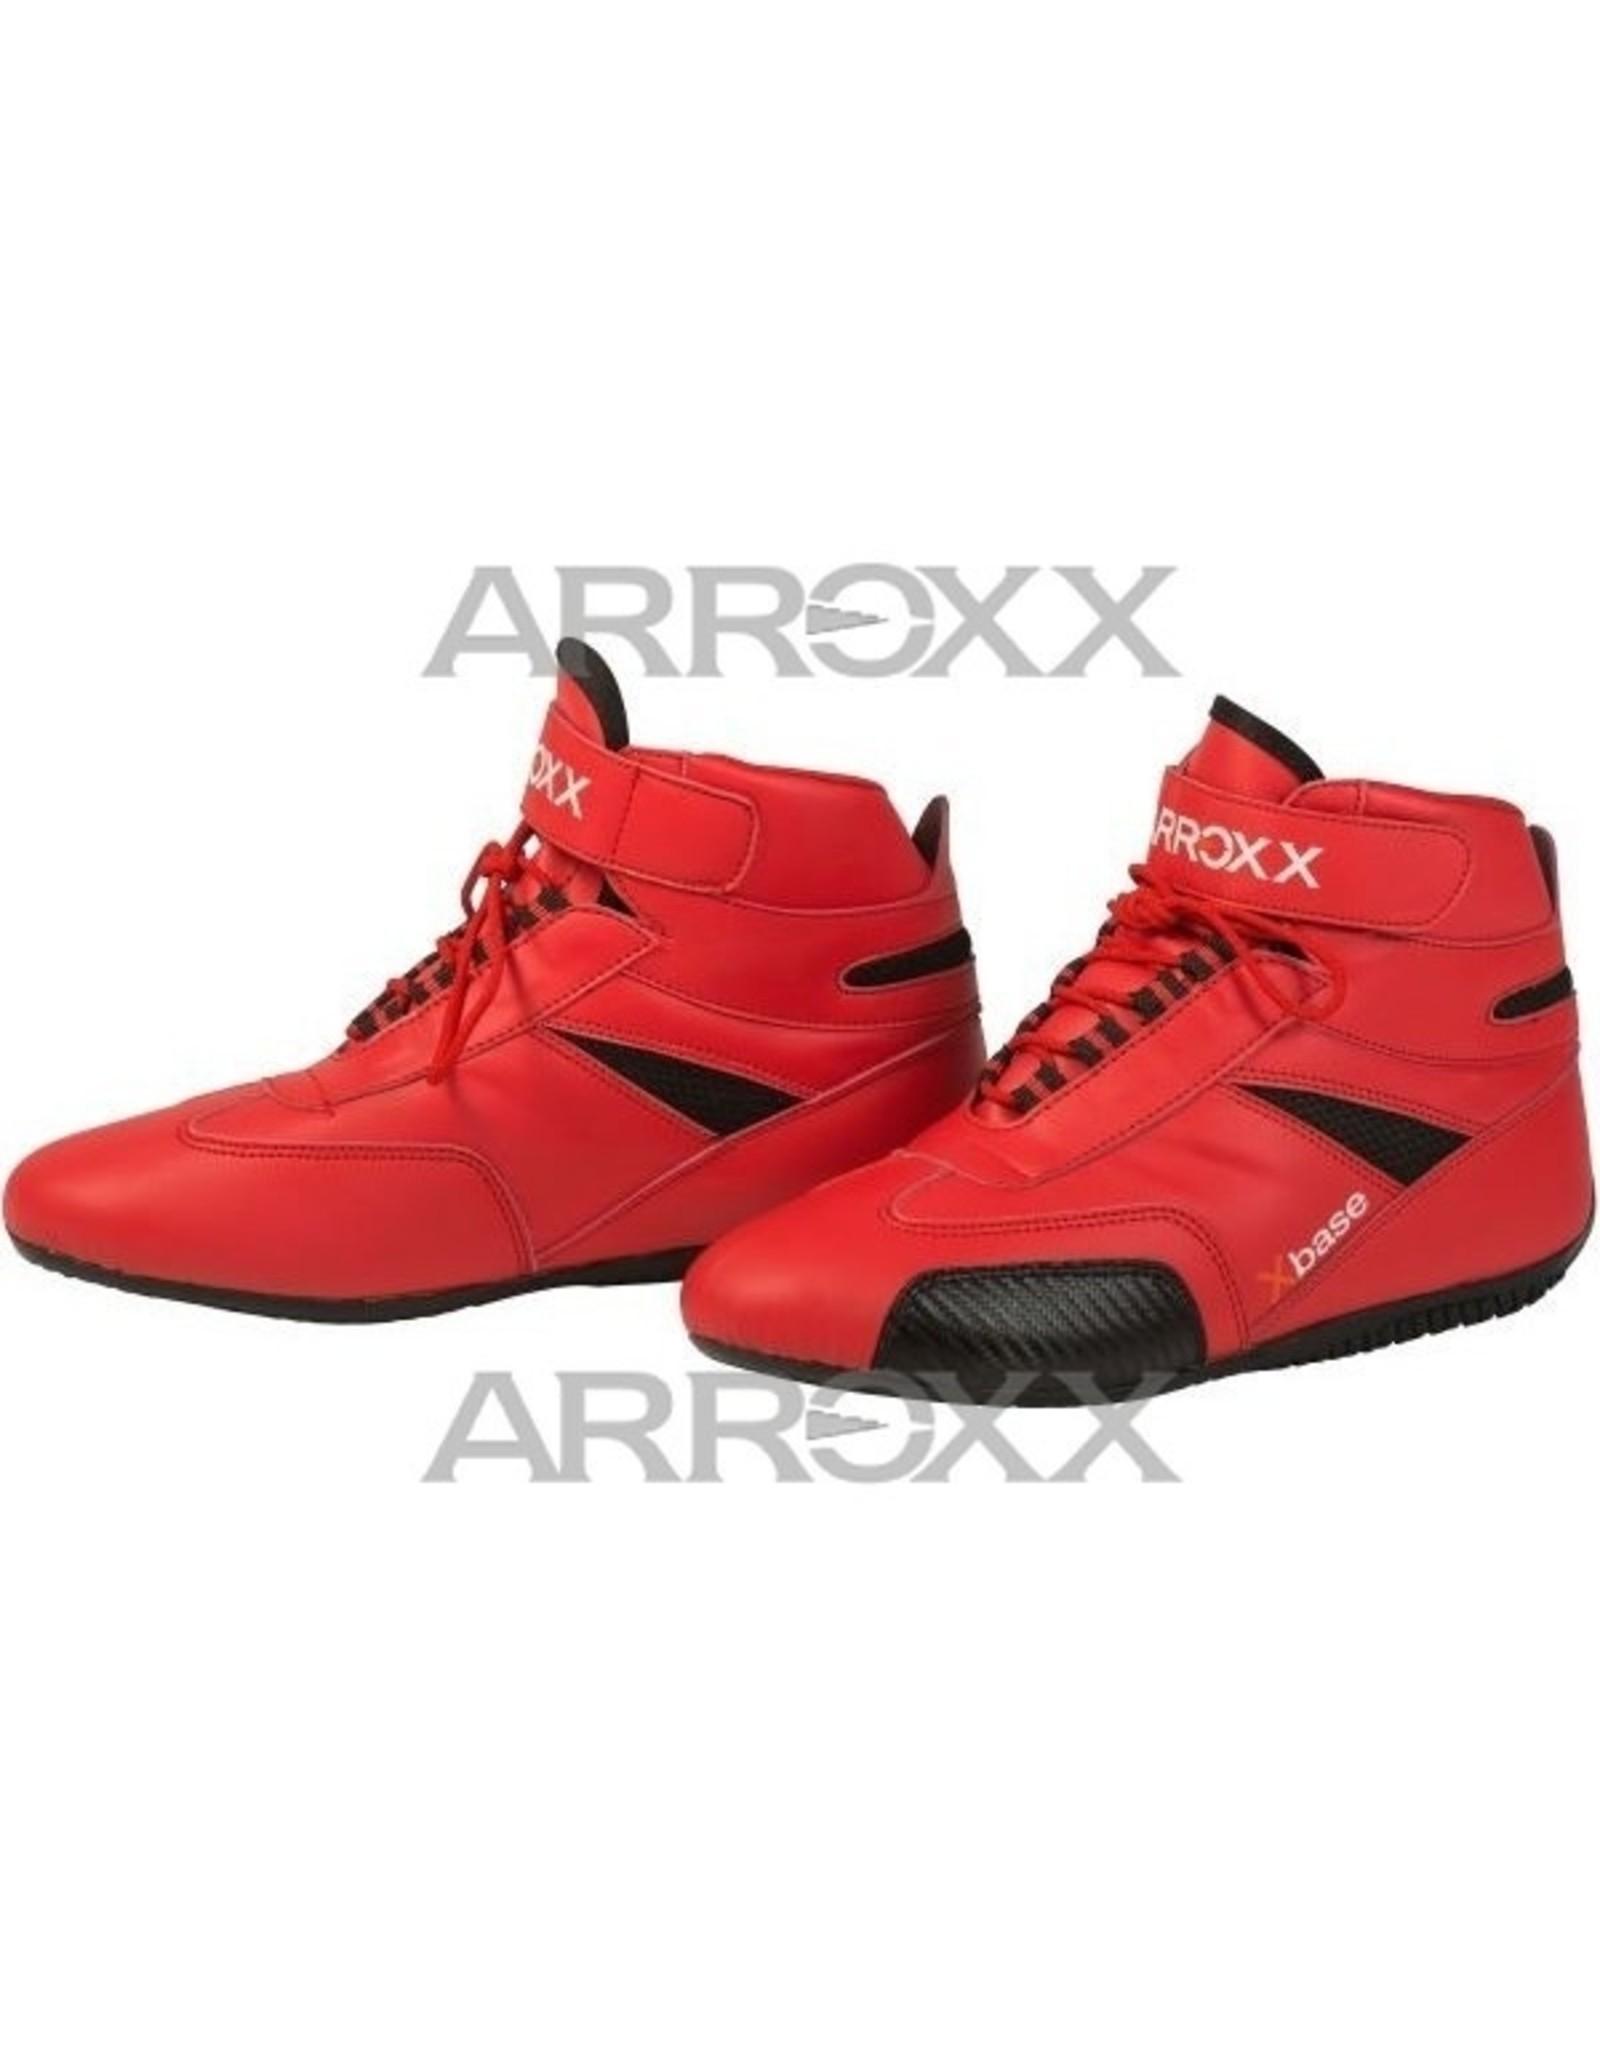 Arroxx Arroxx Xbase Kartschoenen Rood